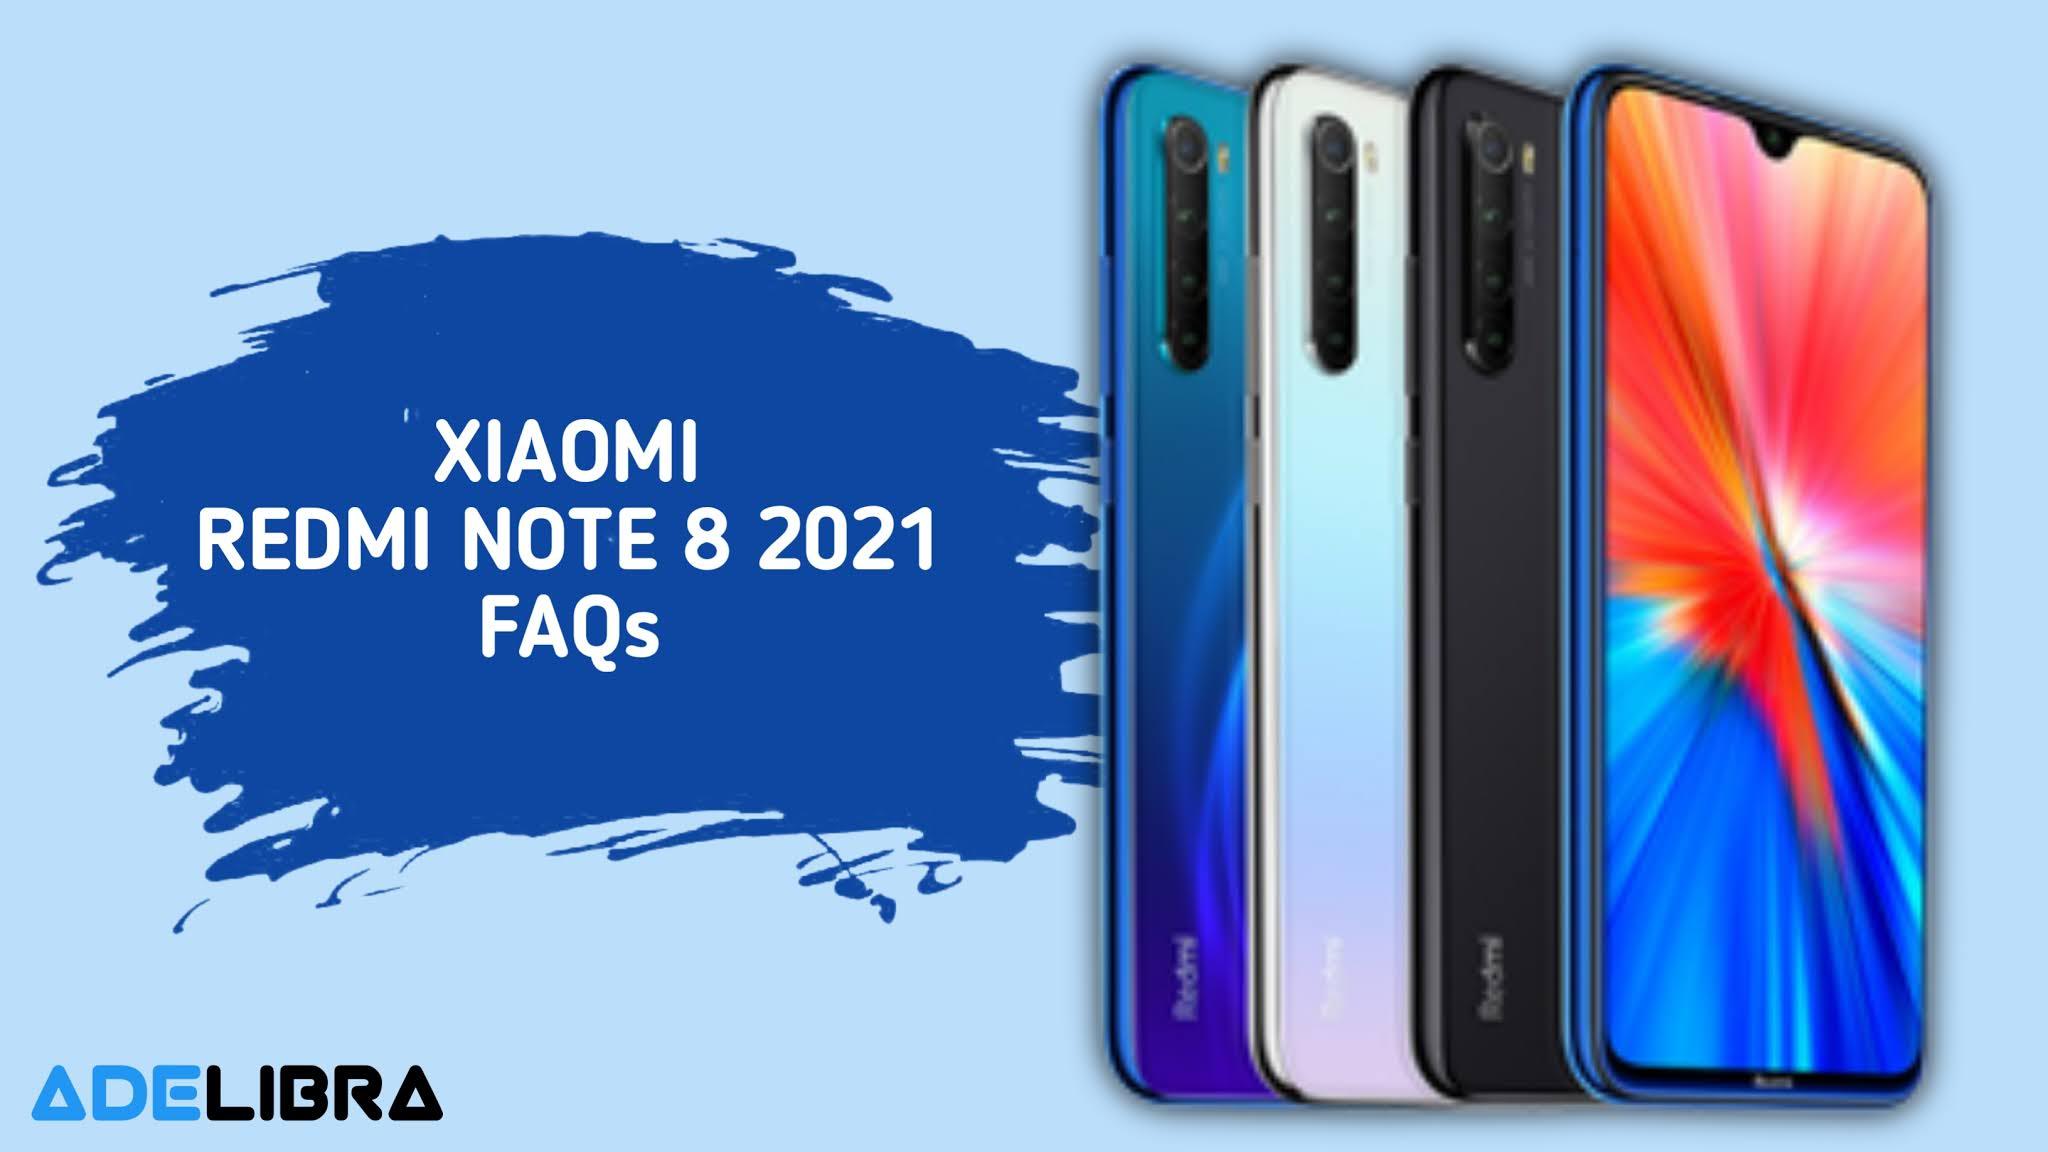 Xiaomi Redmi Note 8 2021 FAQs